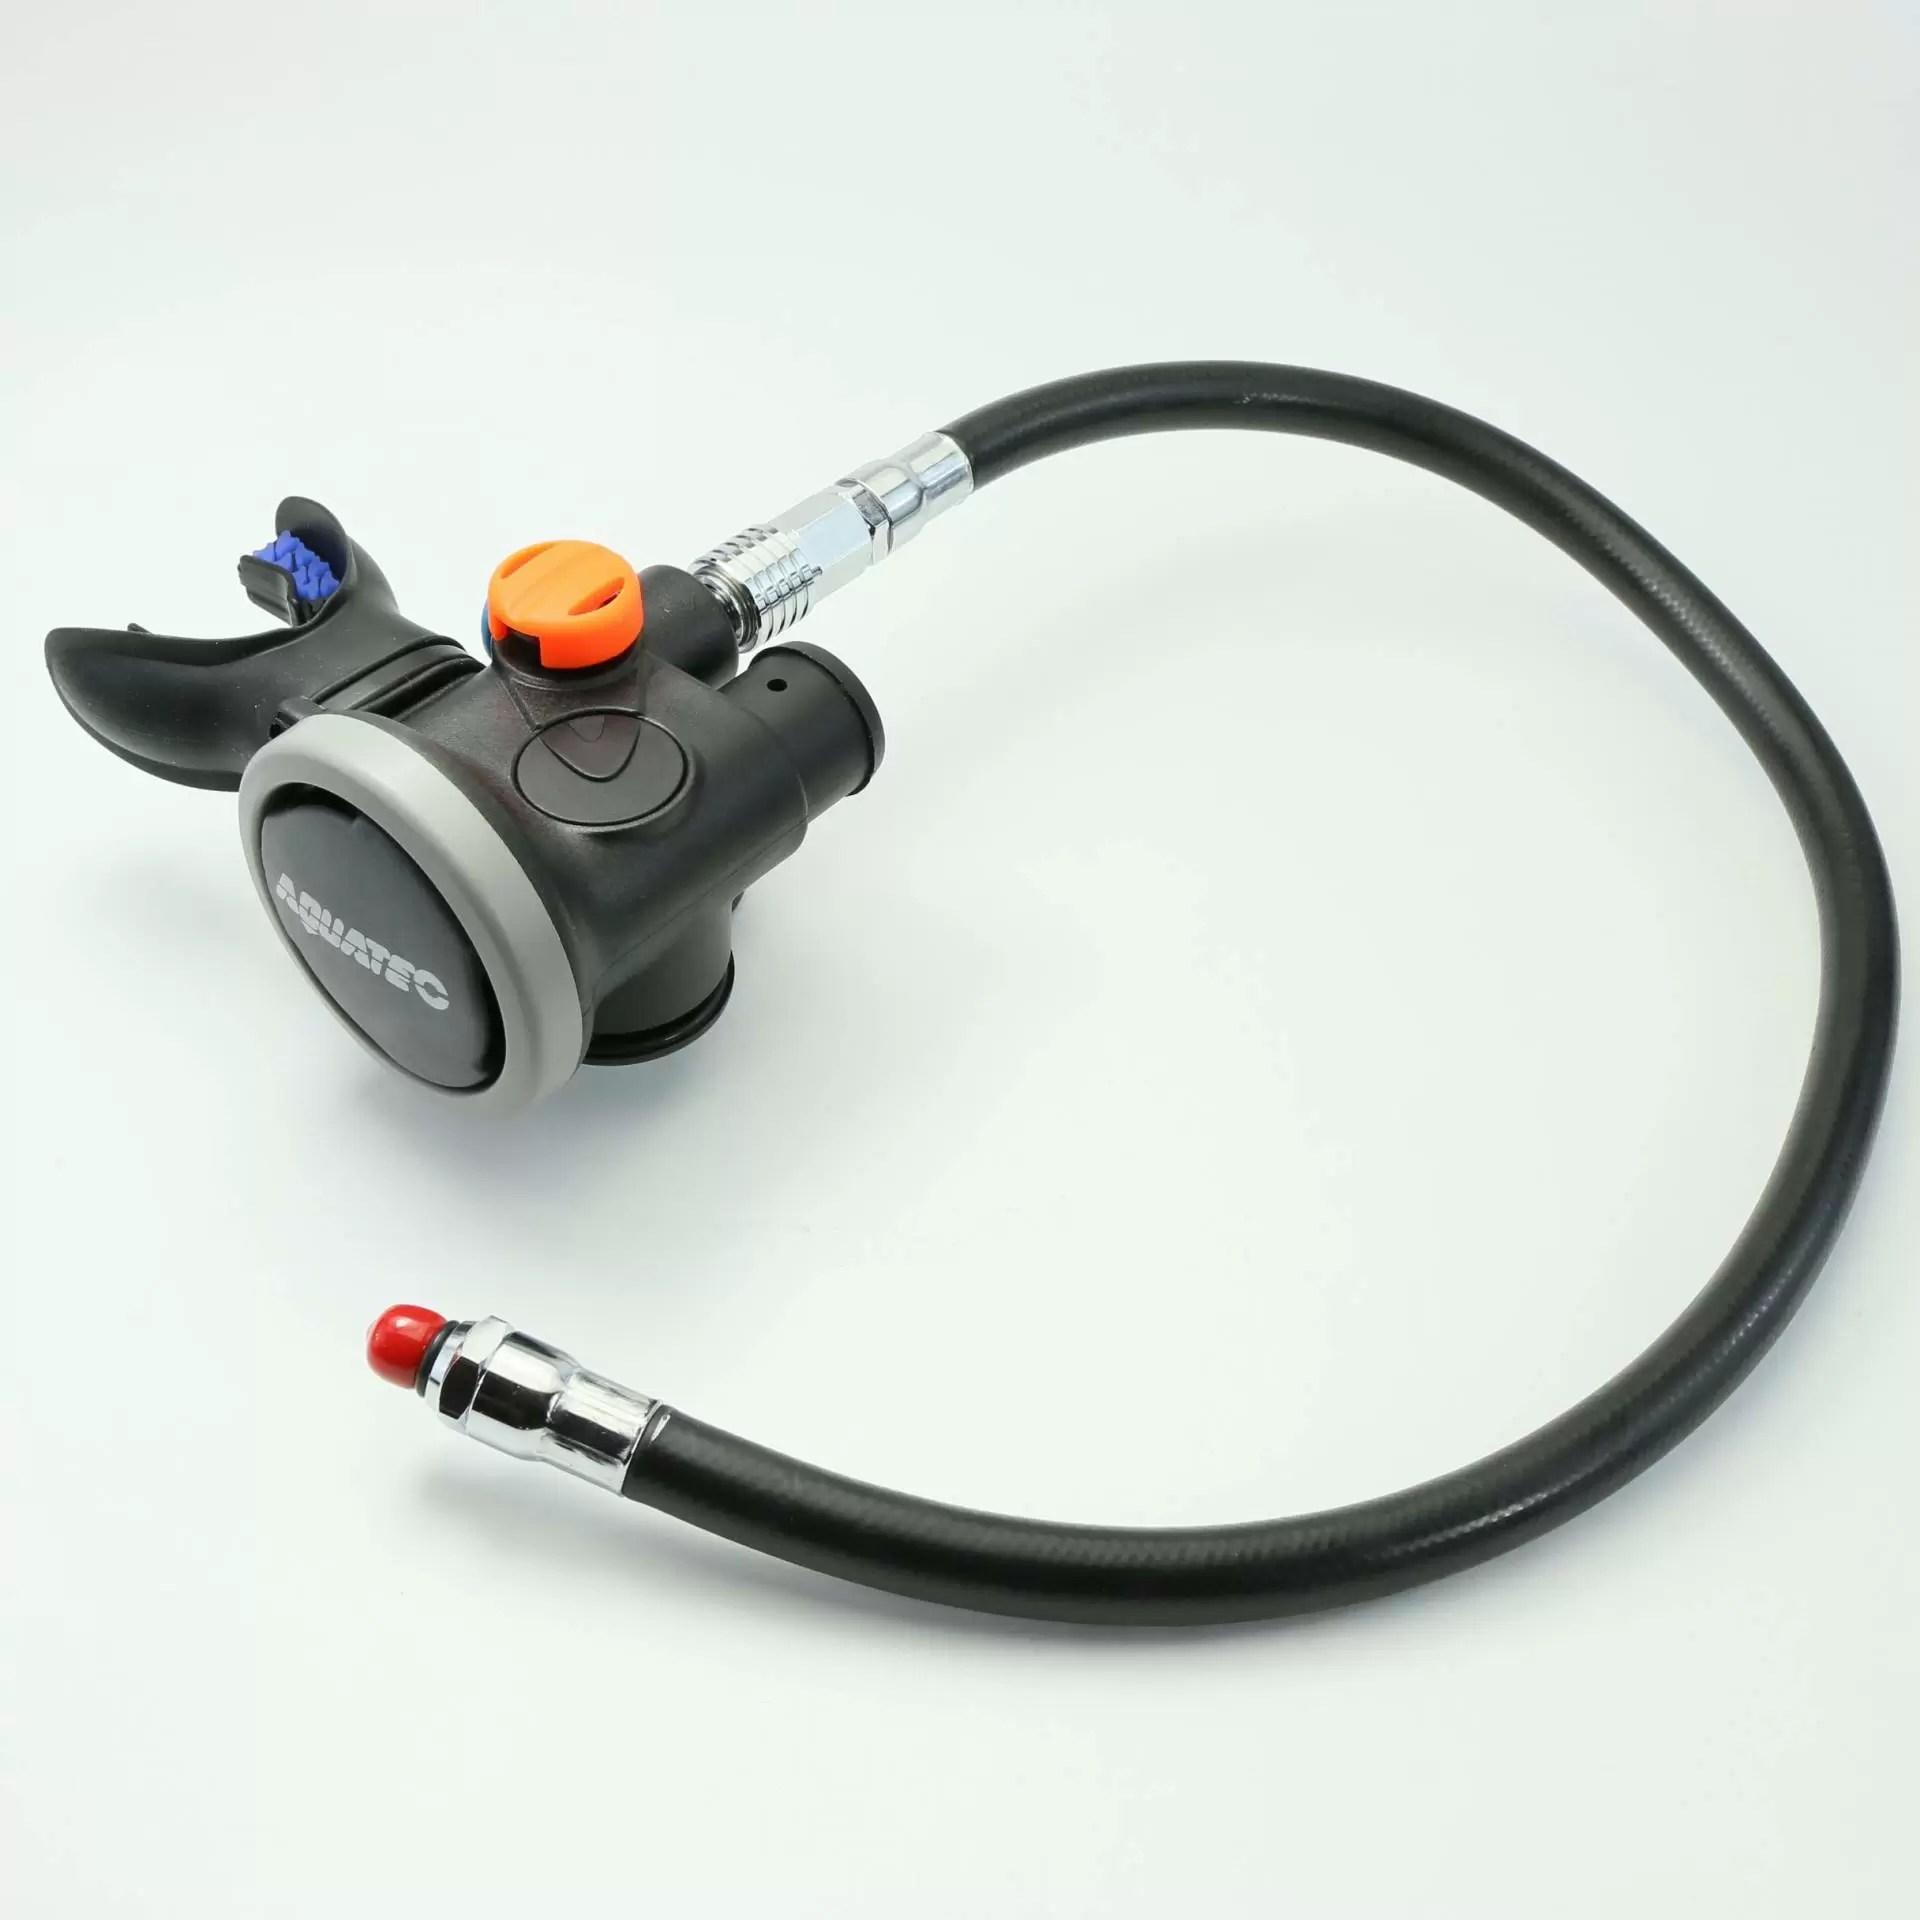 hight resolution of scuba gear detail